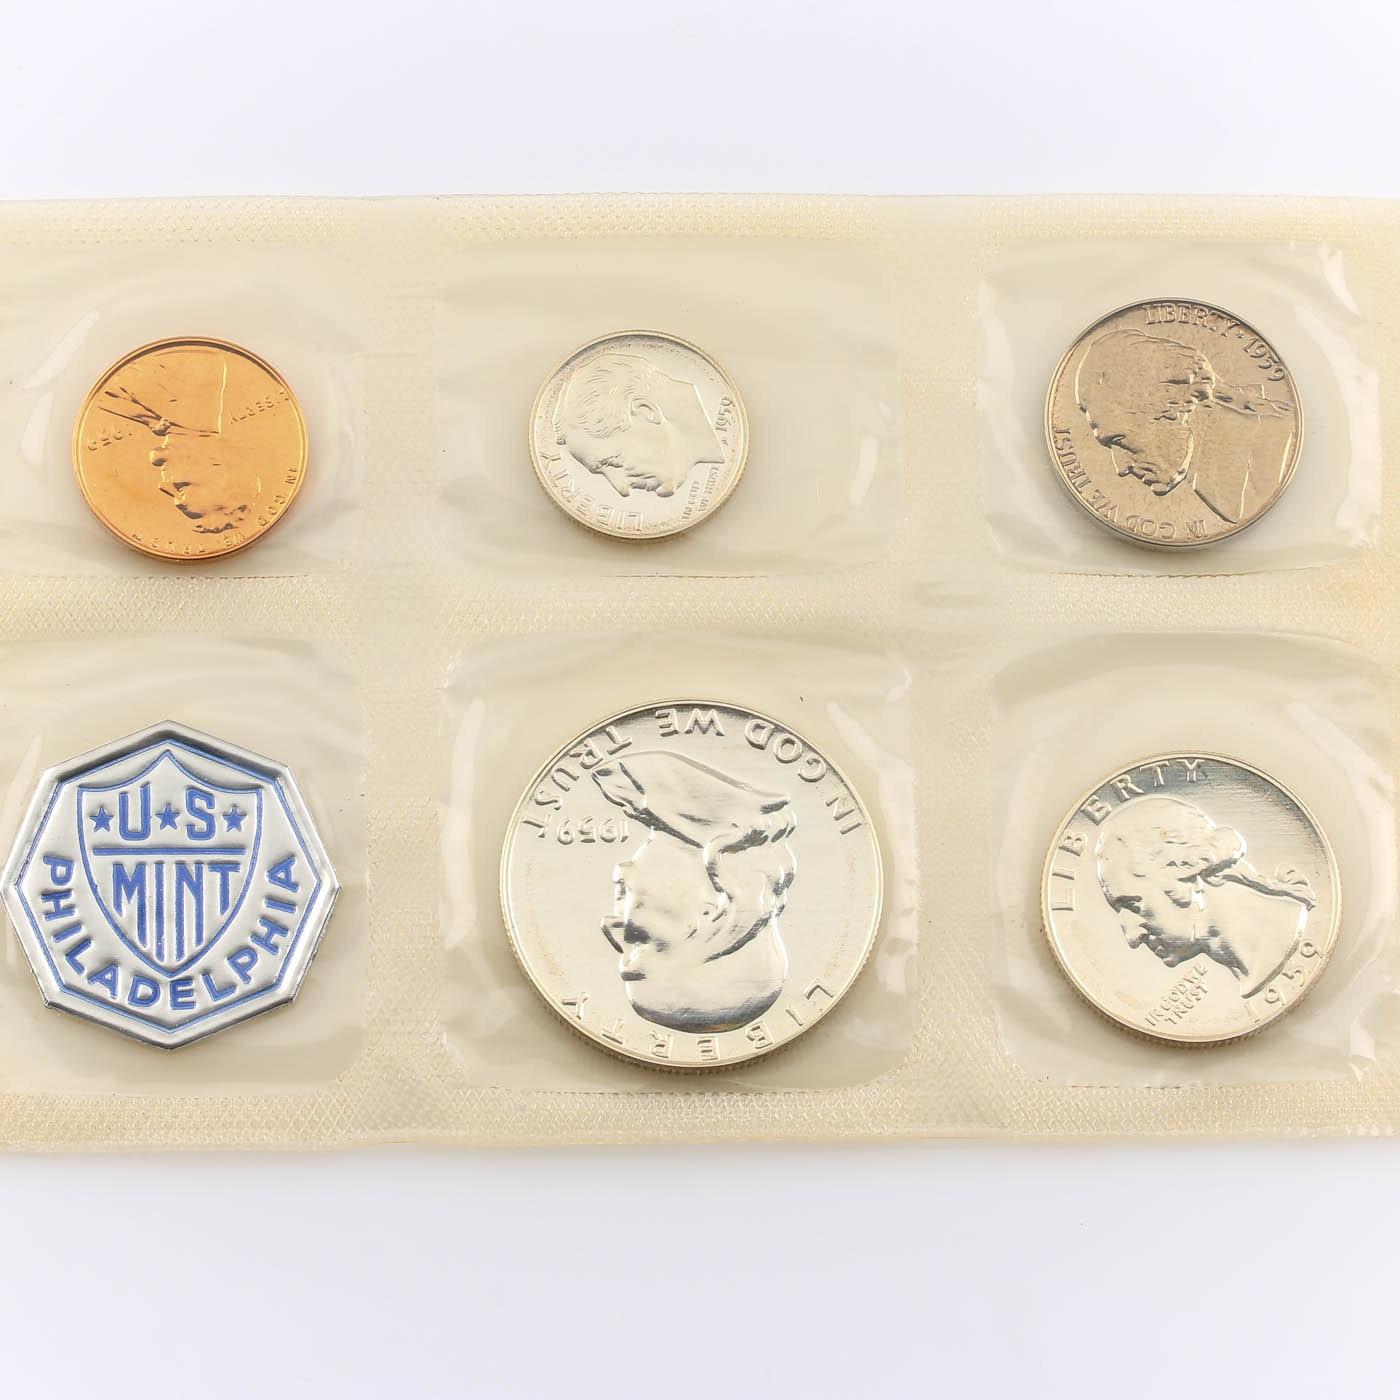 1959 U.S. Philadelphia Mint Proof Set